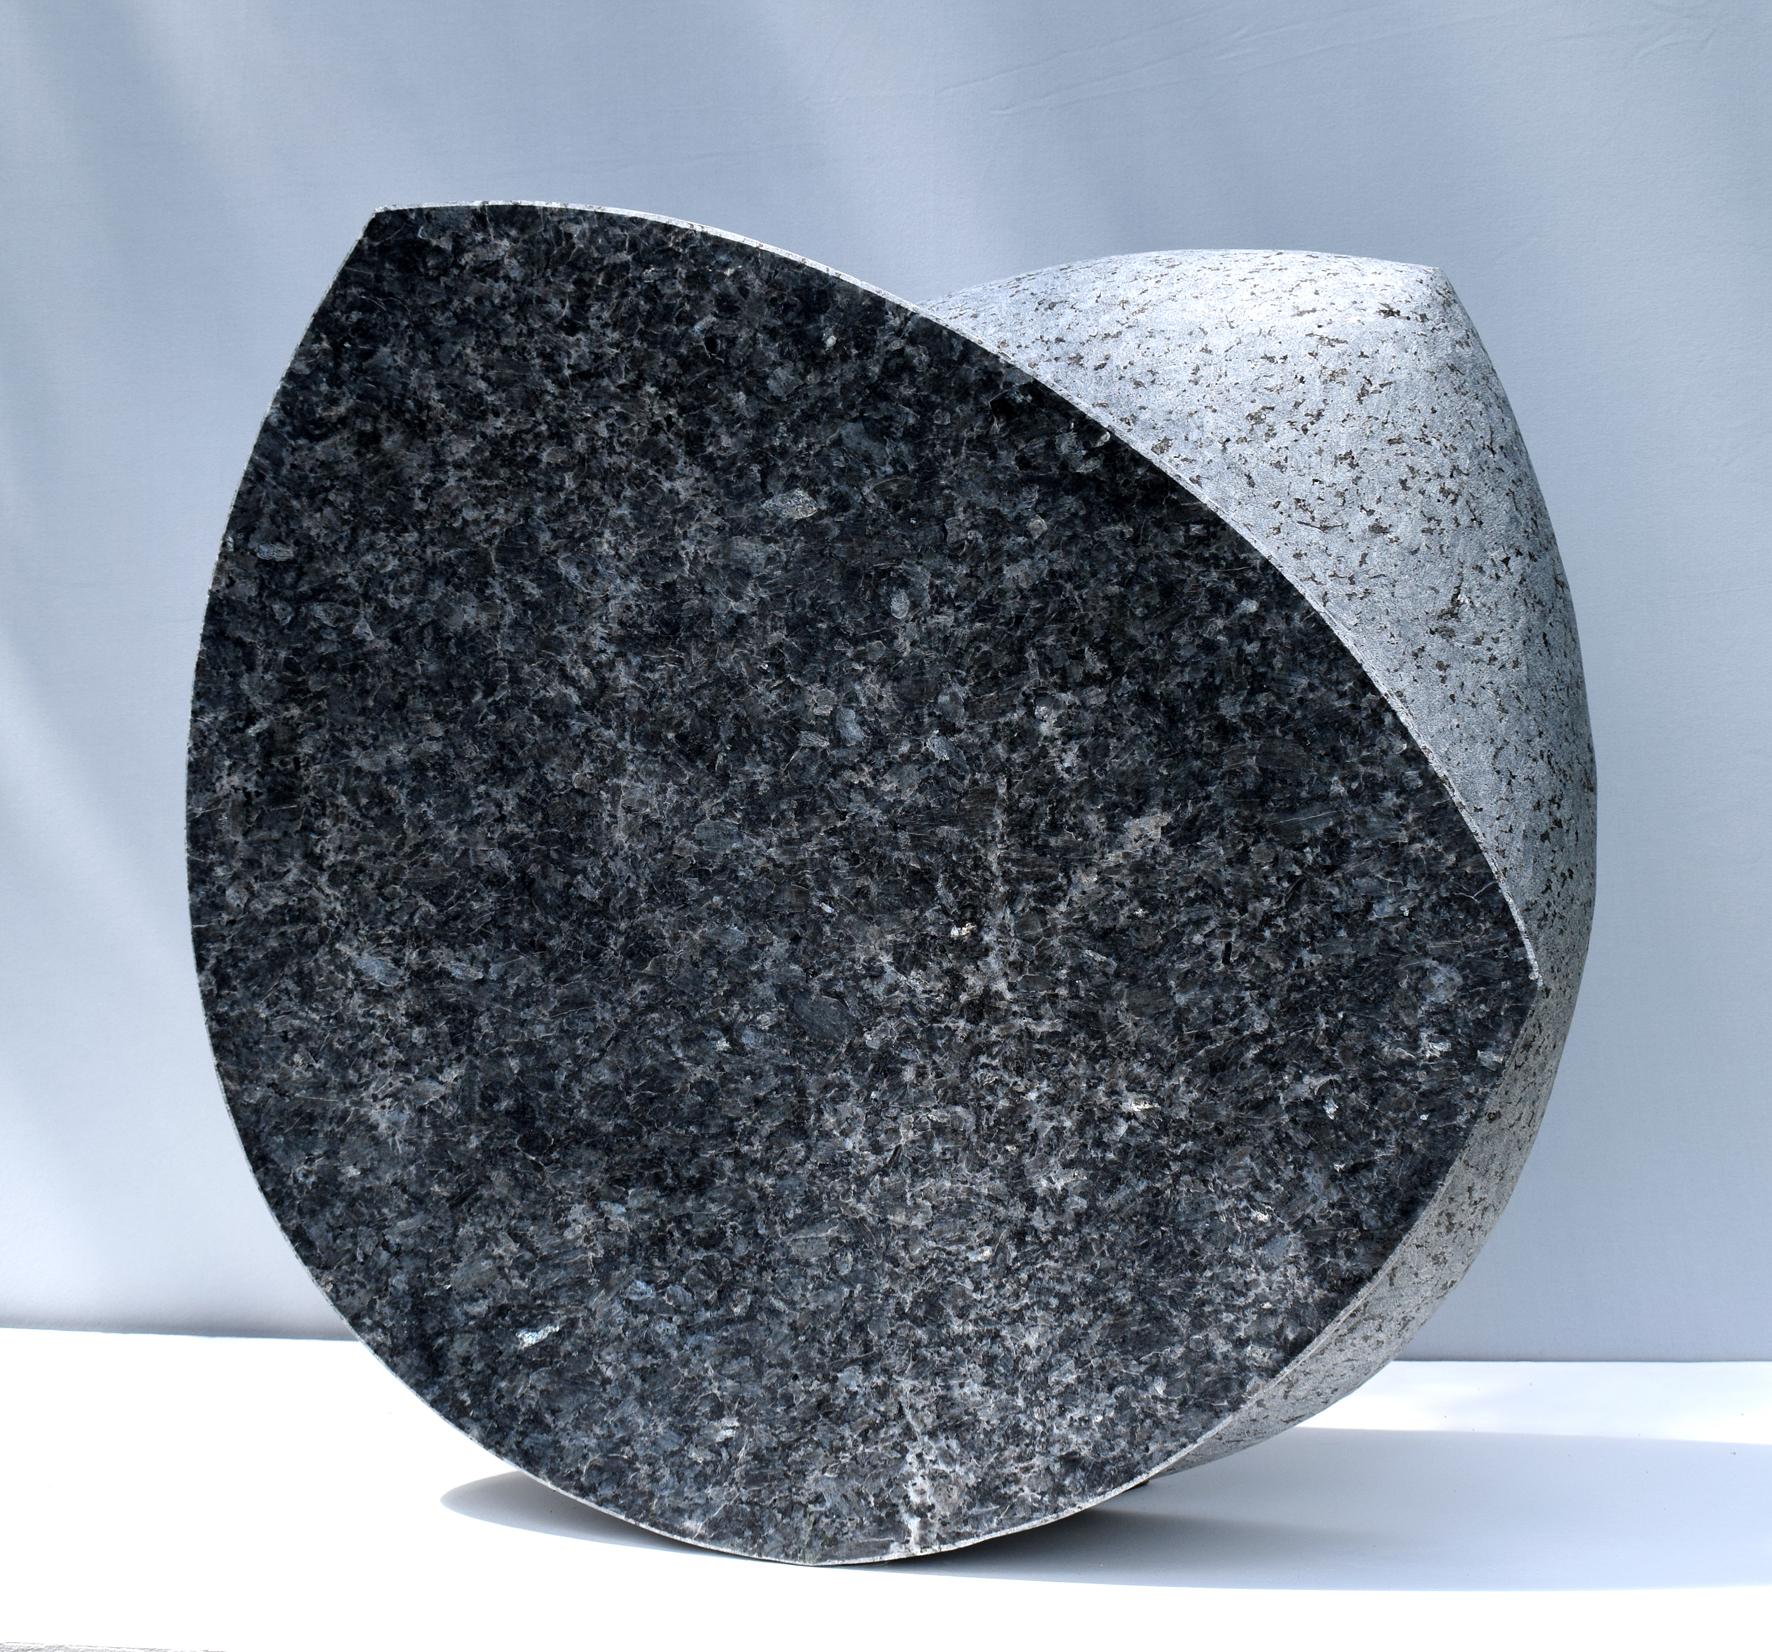 Regina Schnersch, Side by side_Seite an Seite, Labrador, 65 x 65 x 12 cm